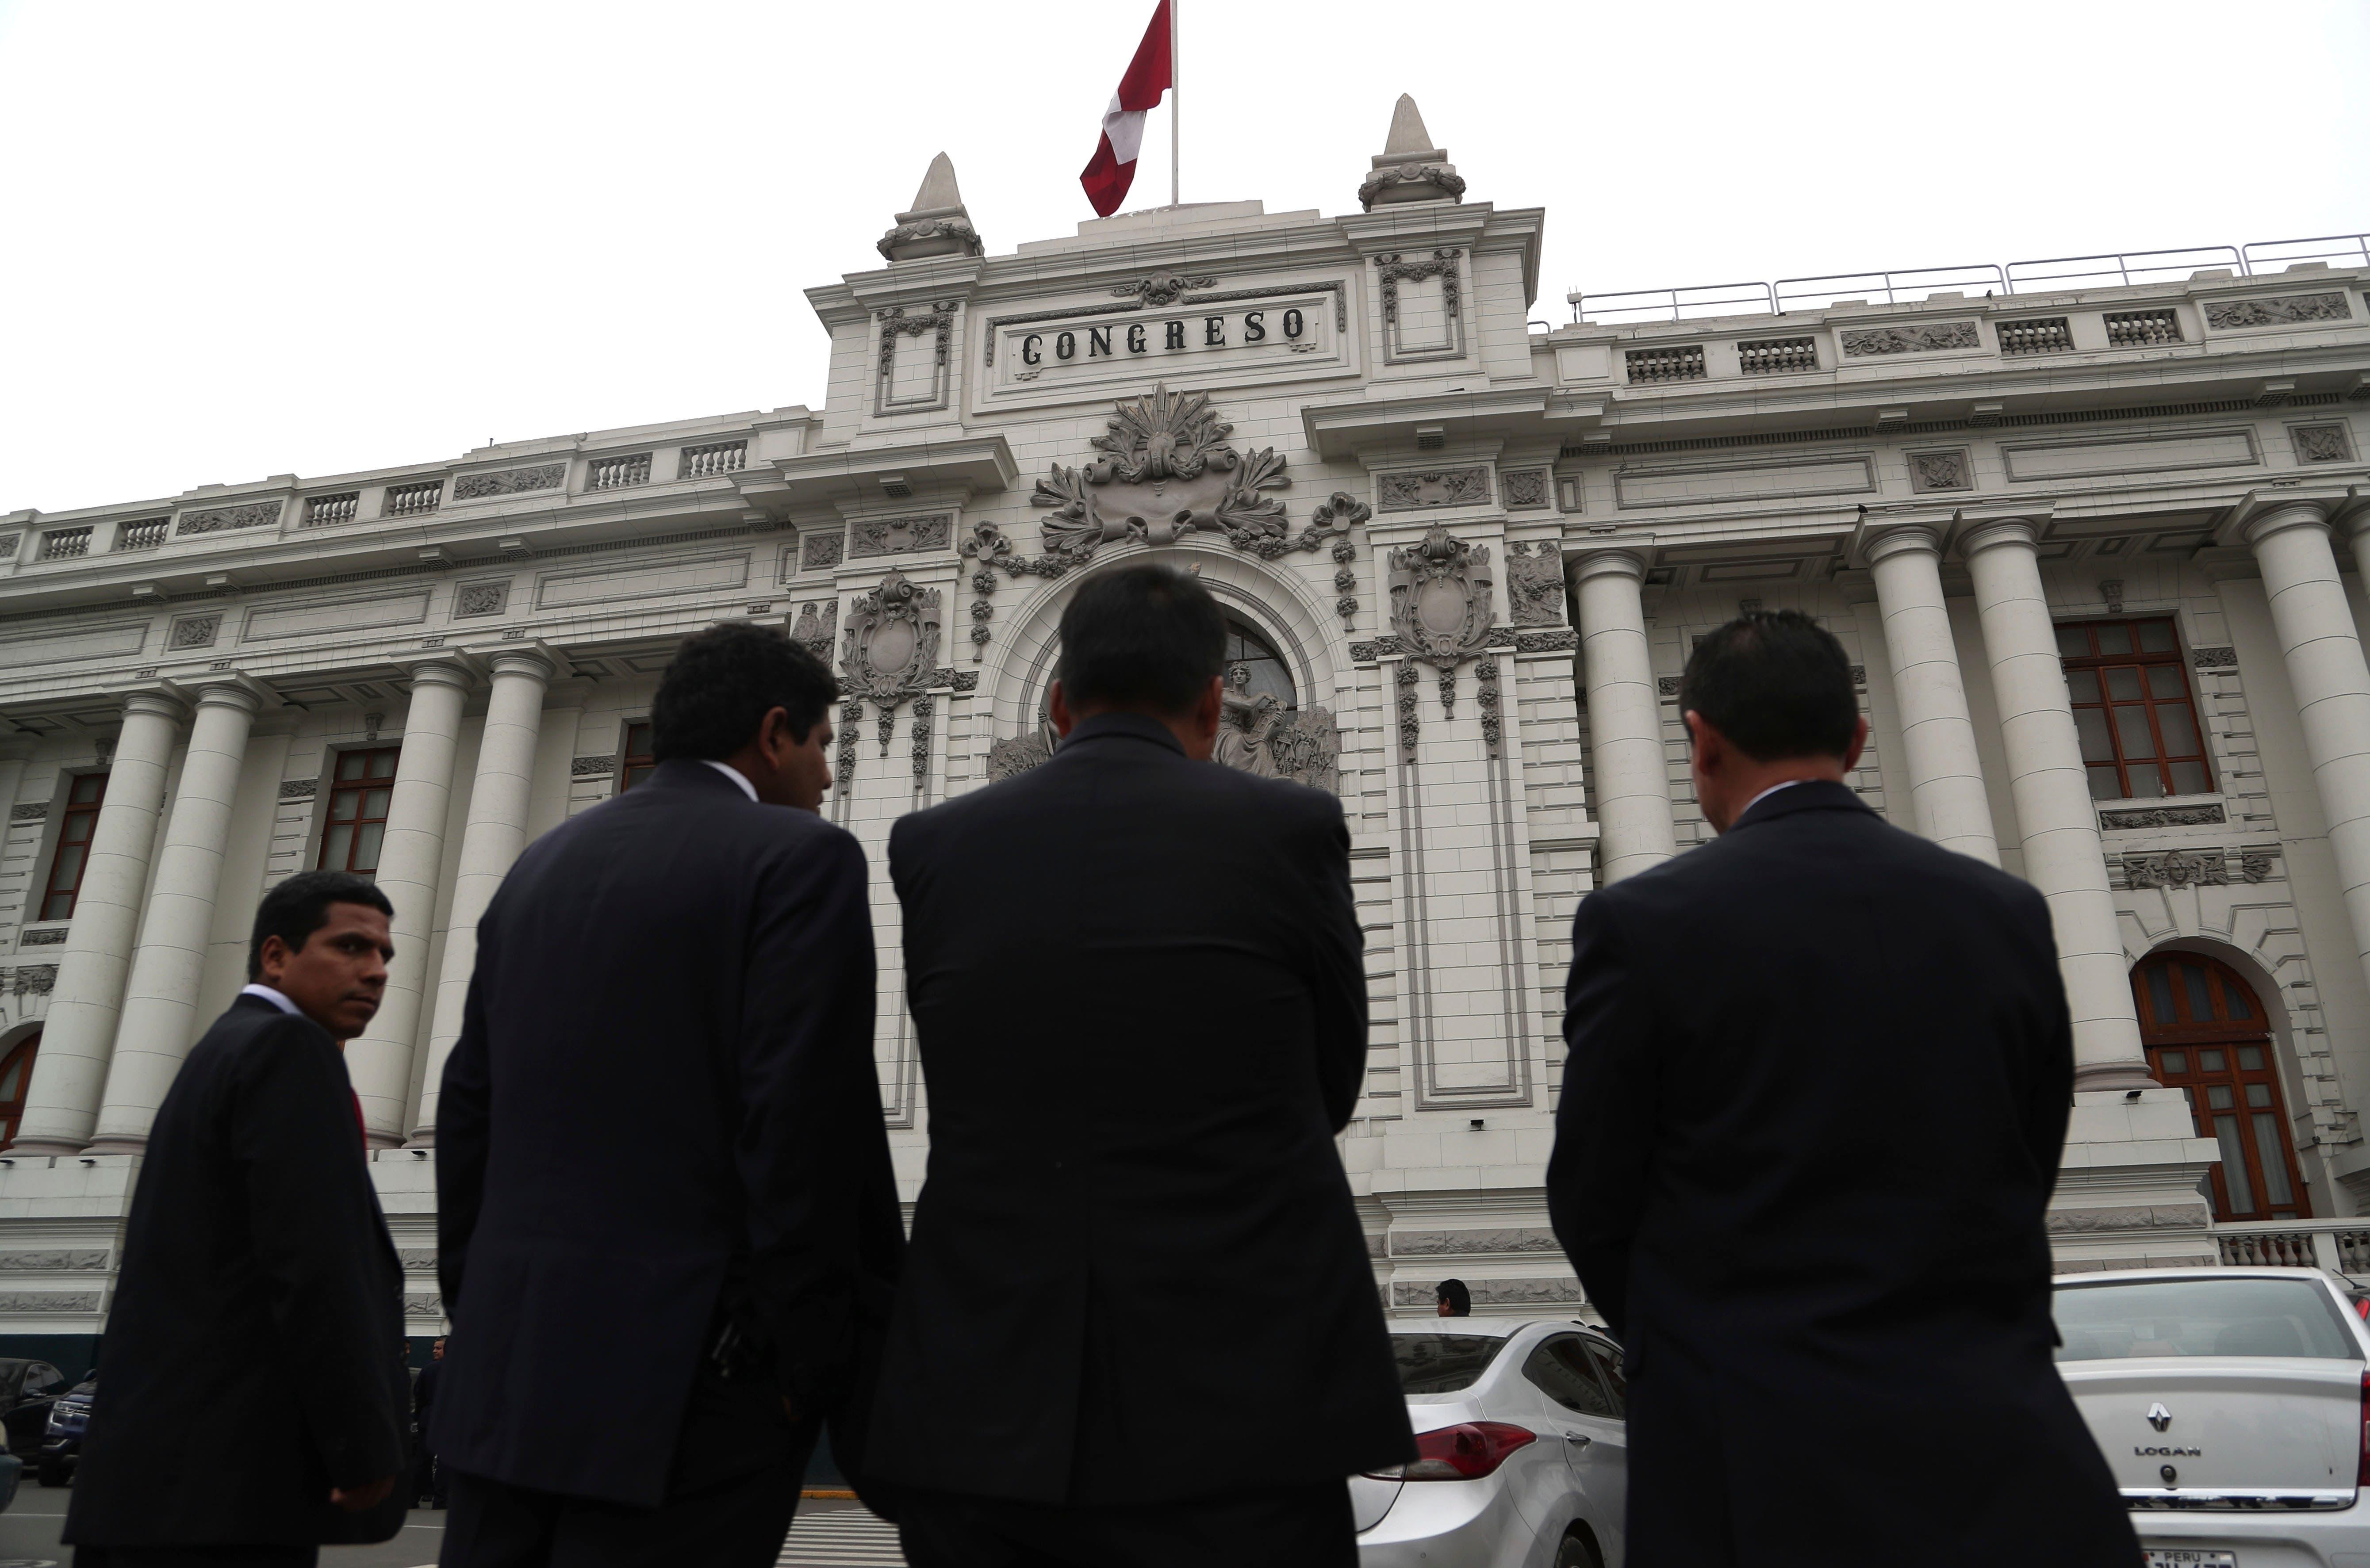 Presidente de Perú cierra el Congreso y llama a elecciones